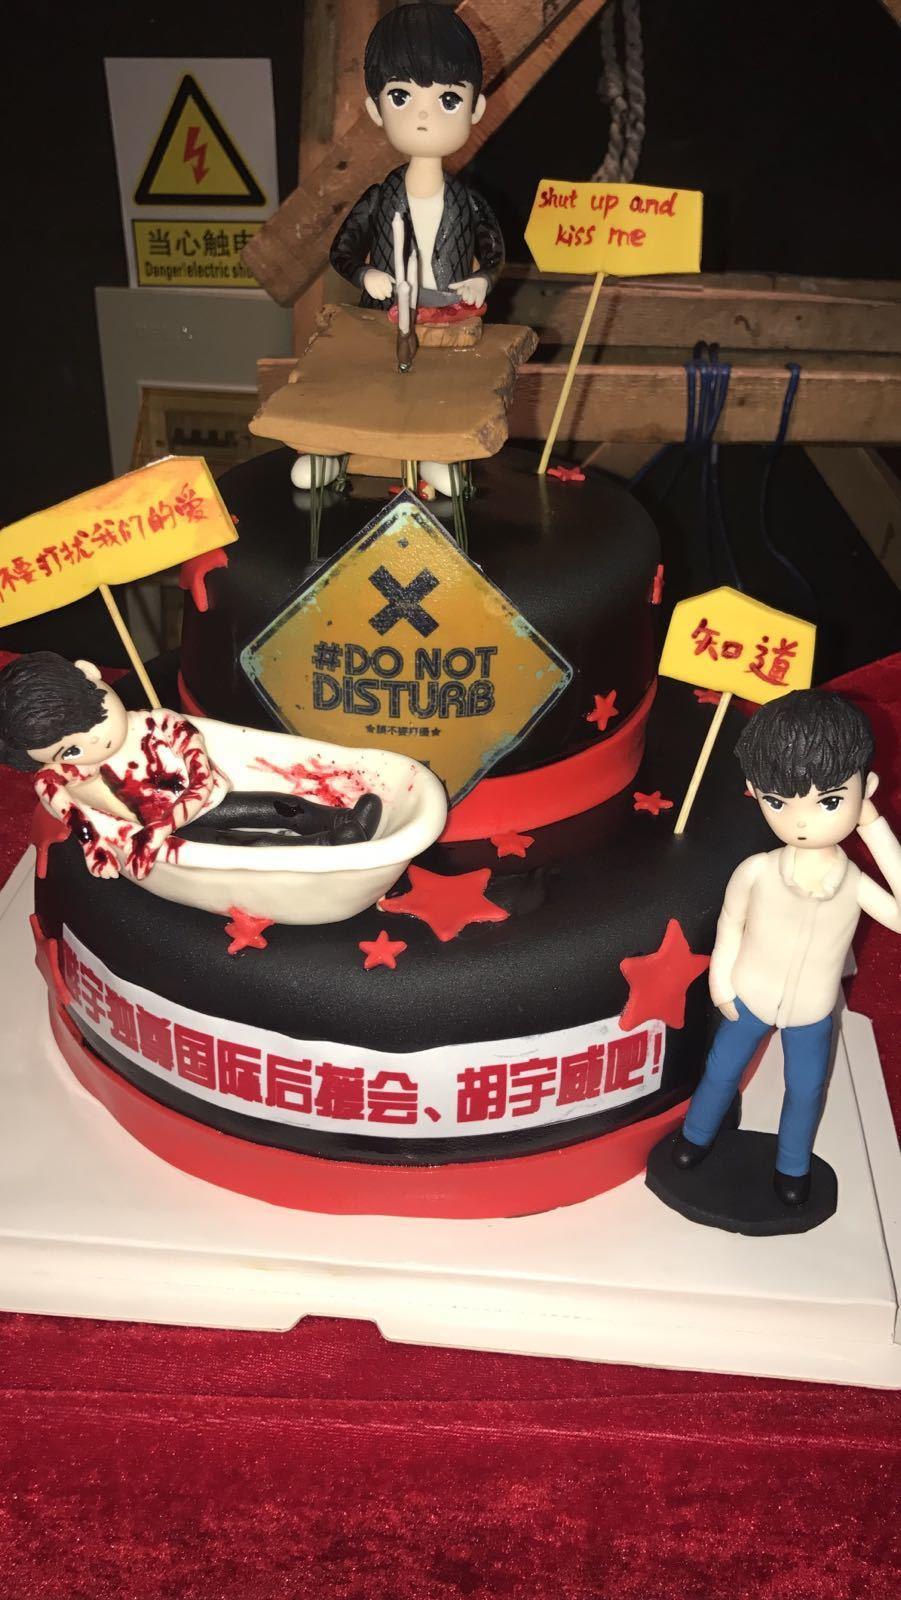 胡宇威15日在北京舉辦首唱會,有粉絲製作翻糖蛋糕給他。圖/寶麗來國際娛樂提供